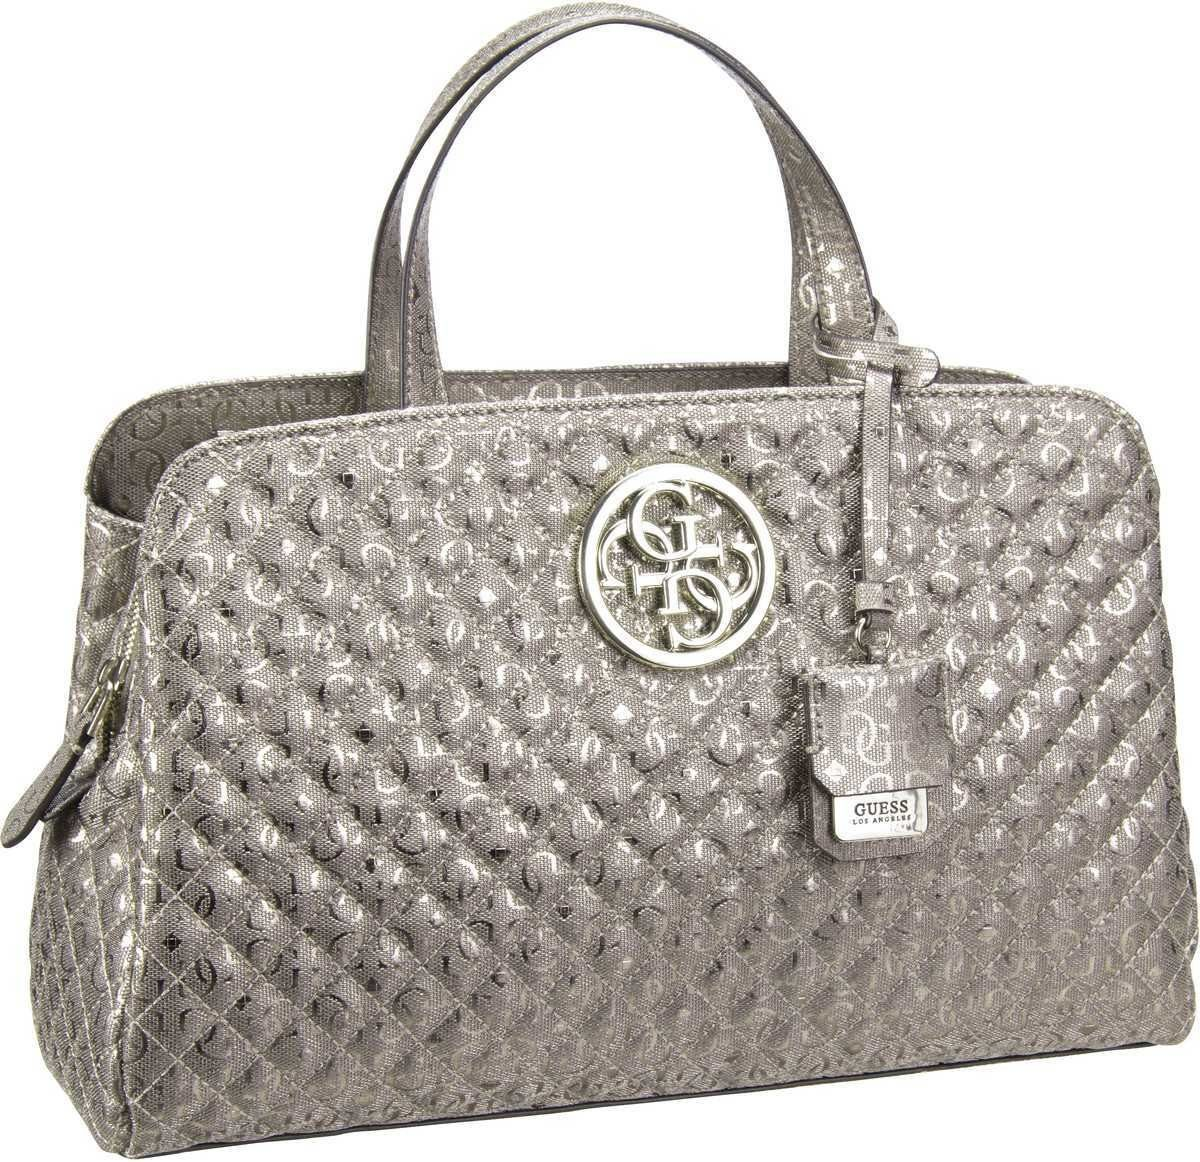 Guess Handtasche »Gioia Girlfriend Satchel«